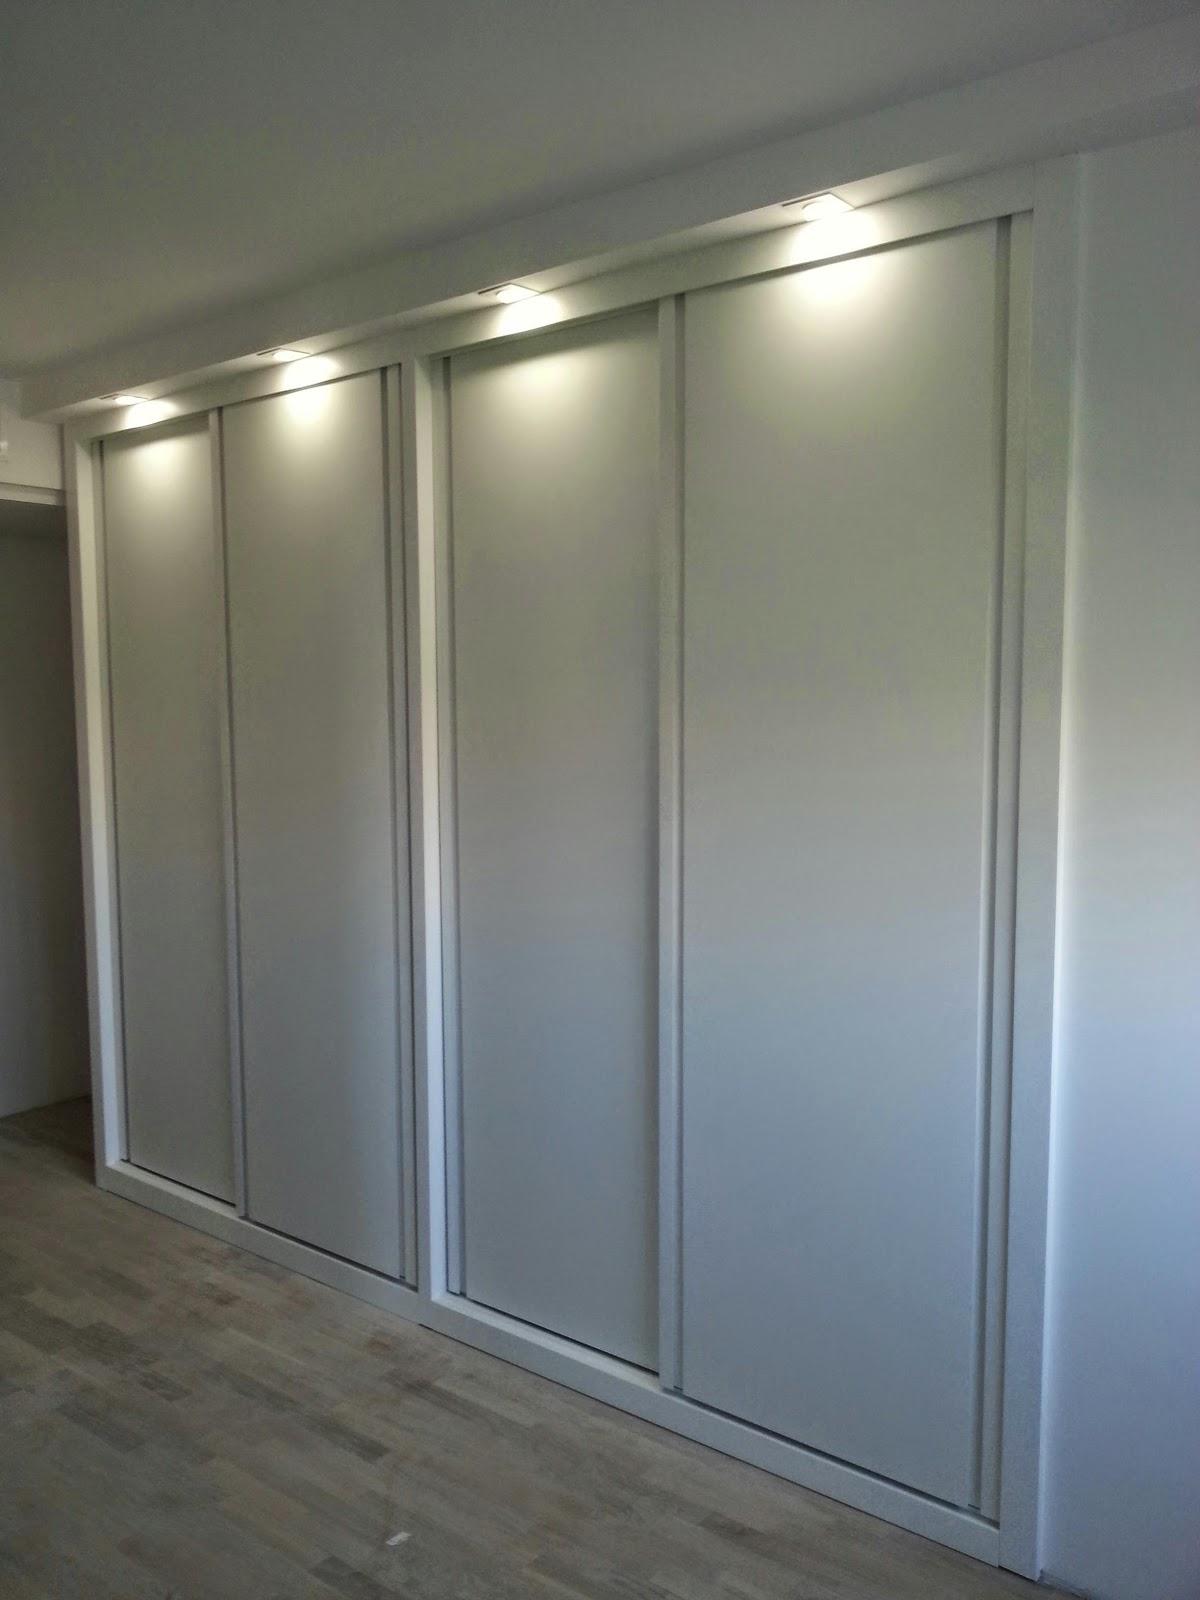 Puertas de los armarios piso juan de borbon - Iluminacion interior armarios ...